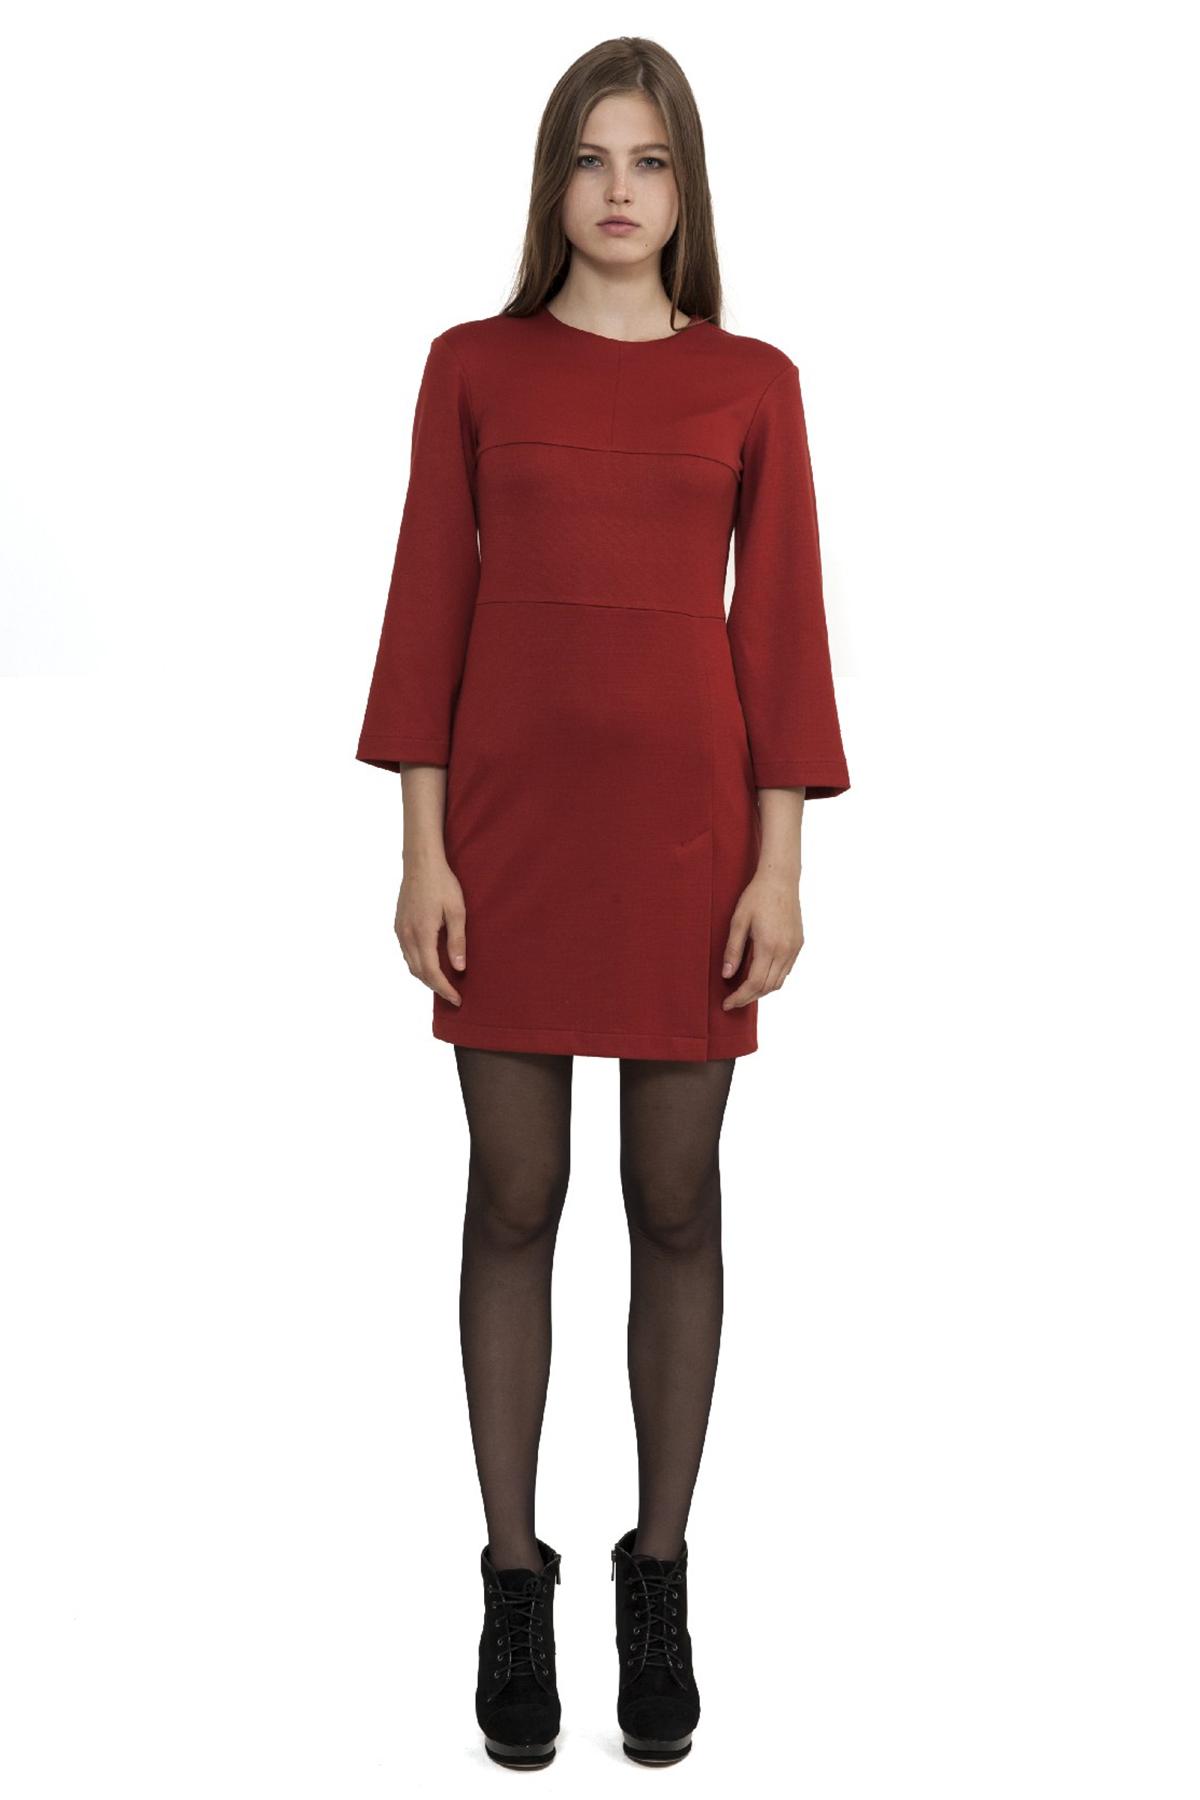 ПлатьеПлатья,  сарафаны<br>Платье - неотъемлемая часть гардероба каждой женщины. Модель приталенного силуэта, подчеркивающего стройность фигуры. Идеальный вариант на каждый день.<br><br>Цвет: терракотовый<br>Состав: 60% вискоза, 35% полиэстер, 5% лайкра<br>Размер: 40,42,44,46,48,50,52,54,56<br>Страна дизайна: Россия<br>Страна производства: Россия